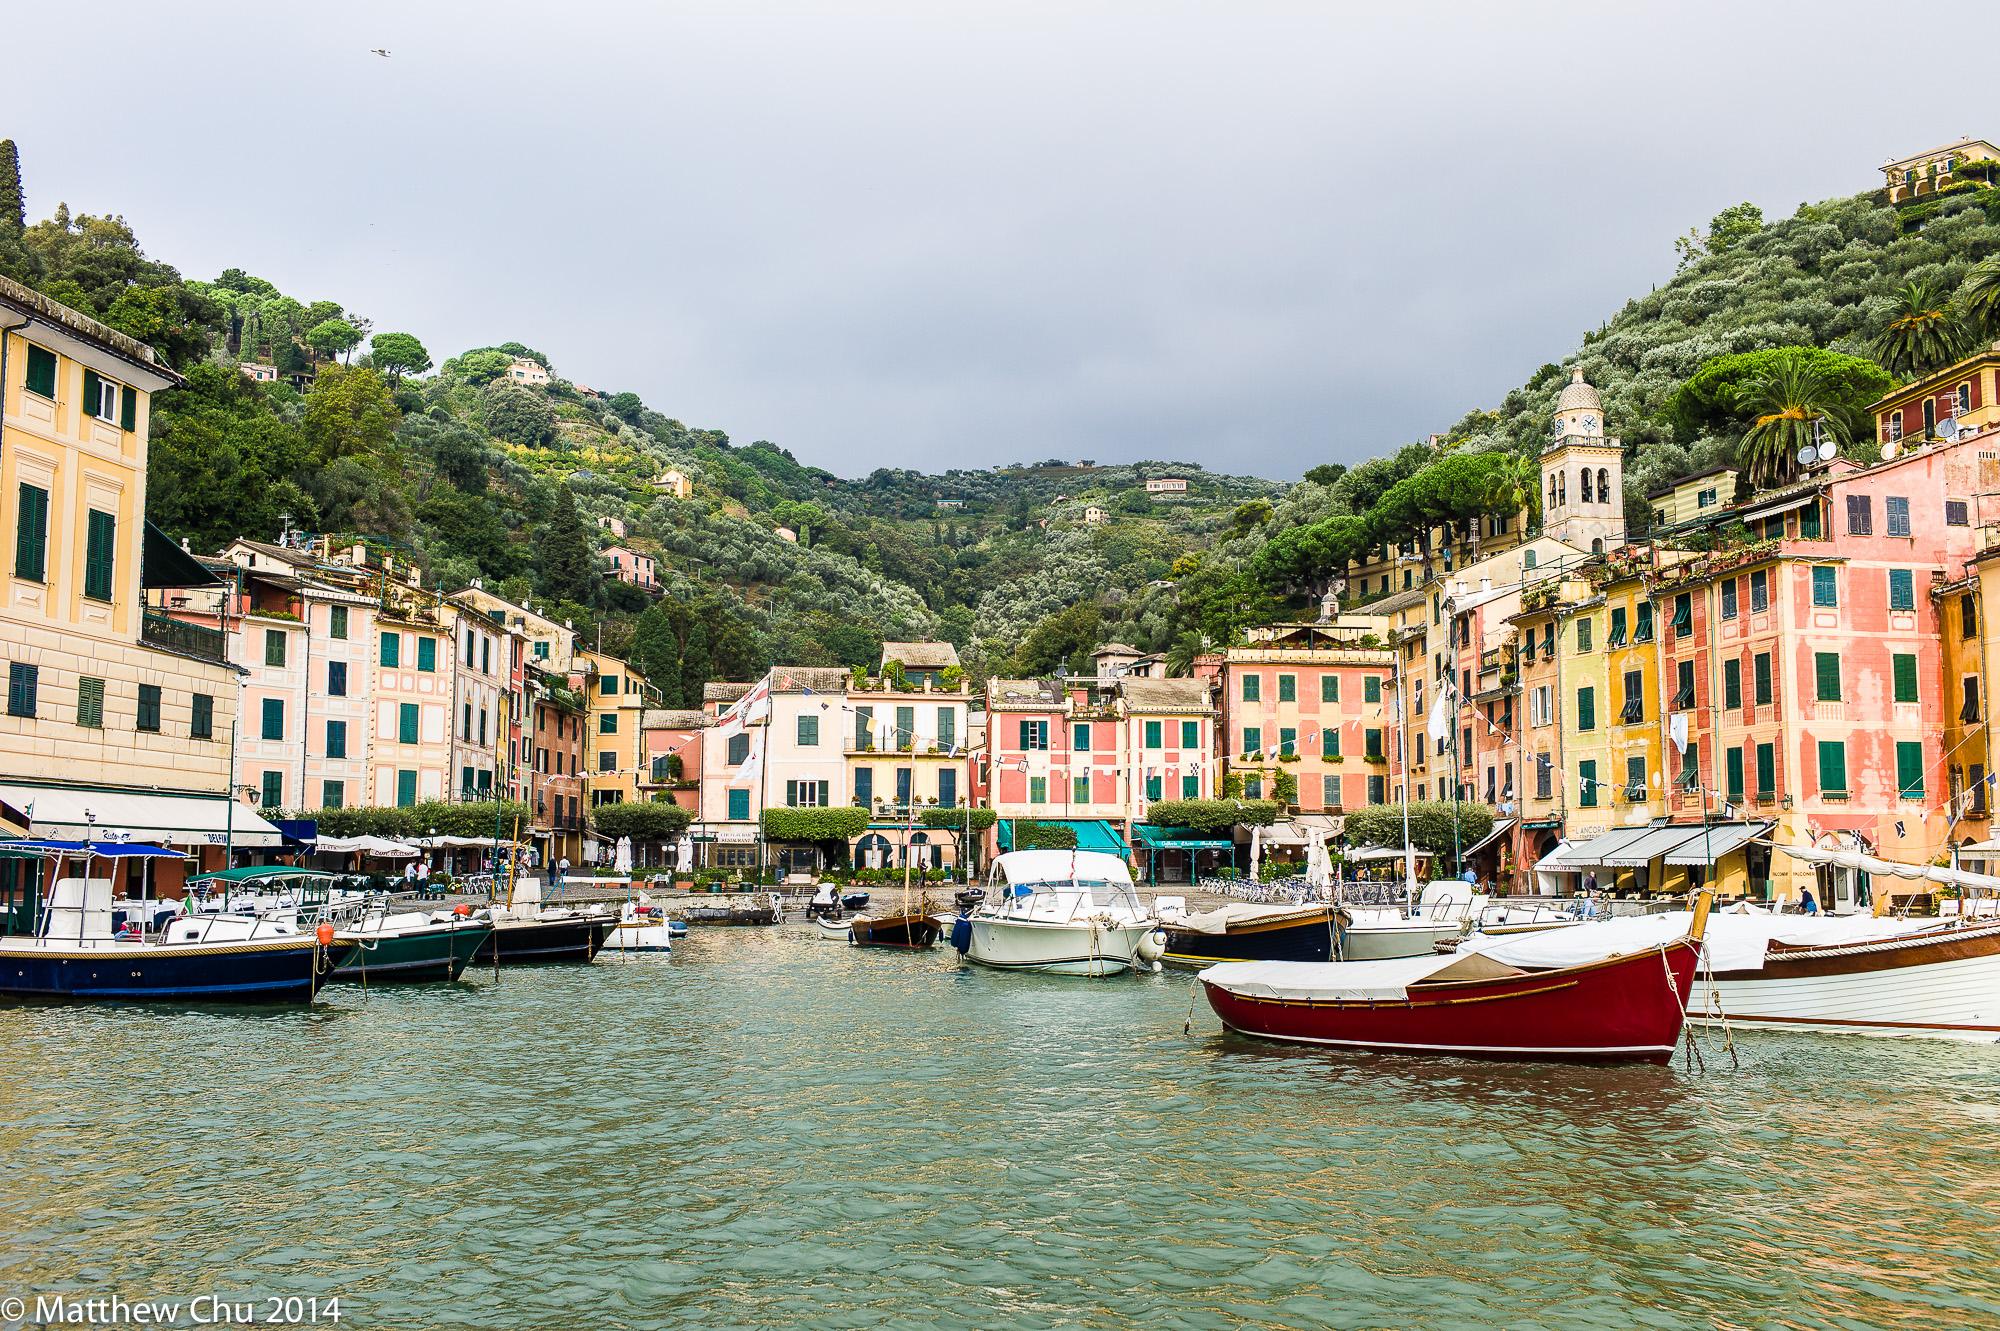 Portofino promenade, Italy